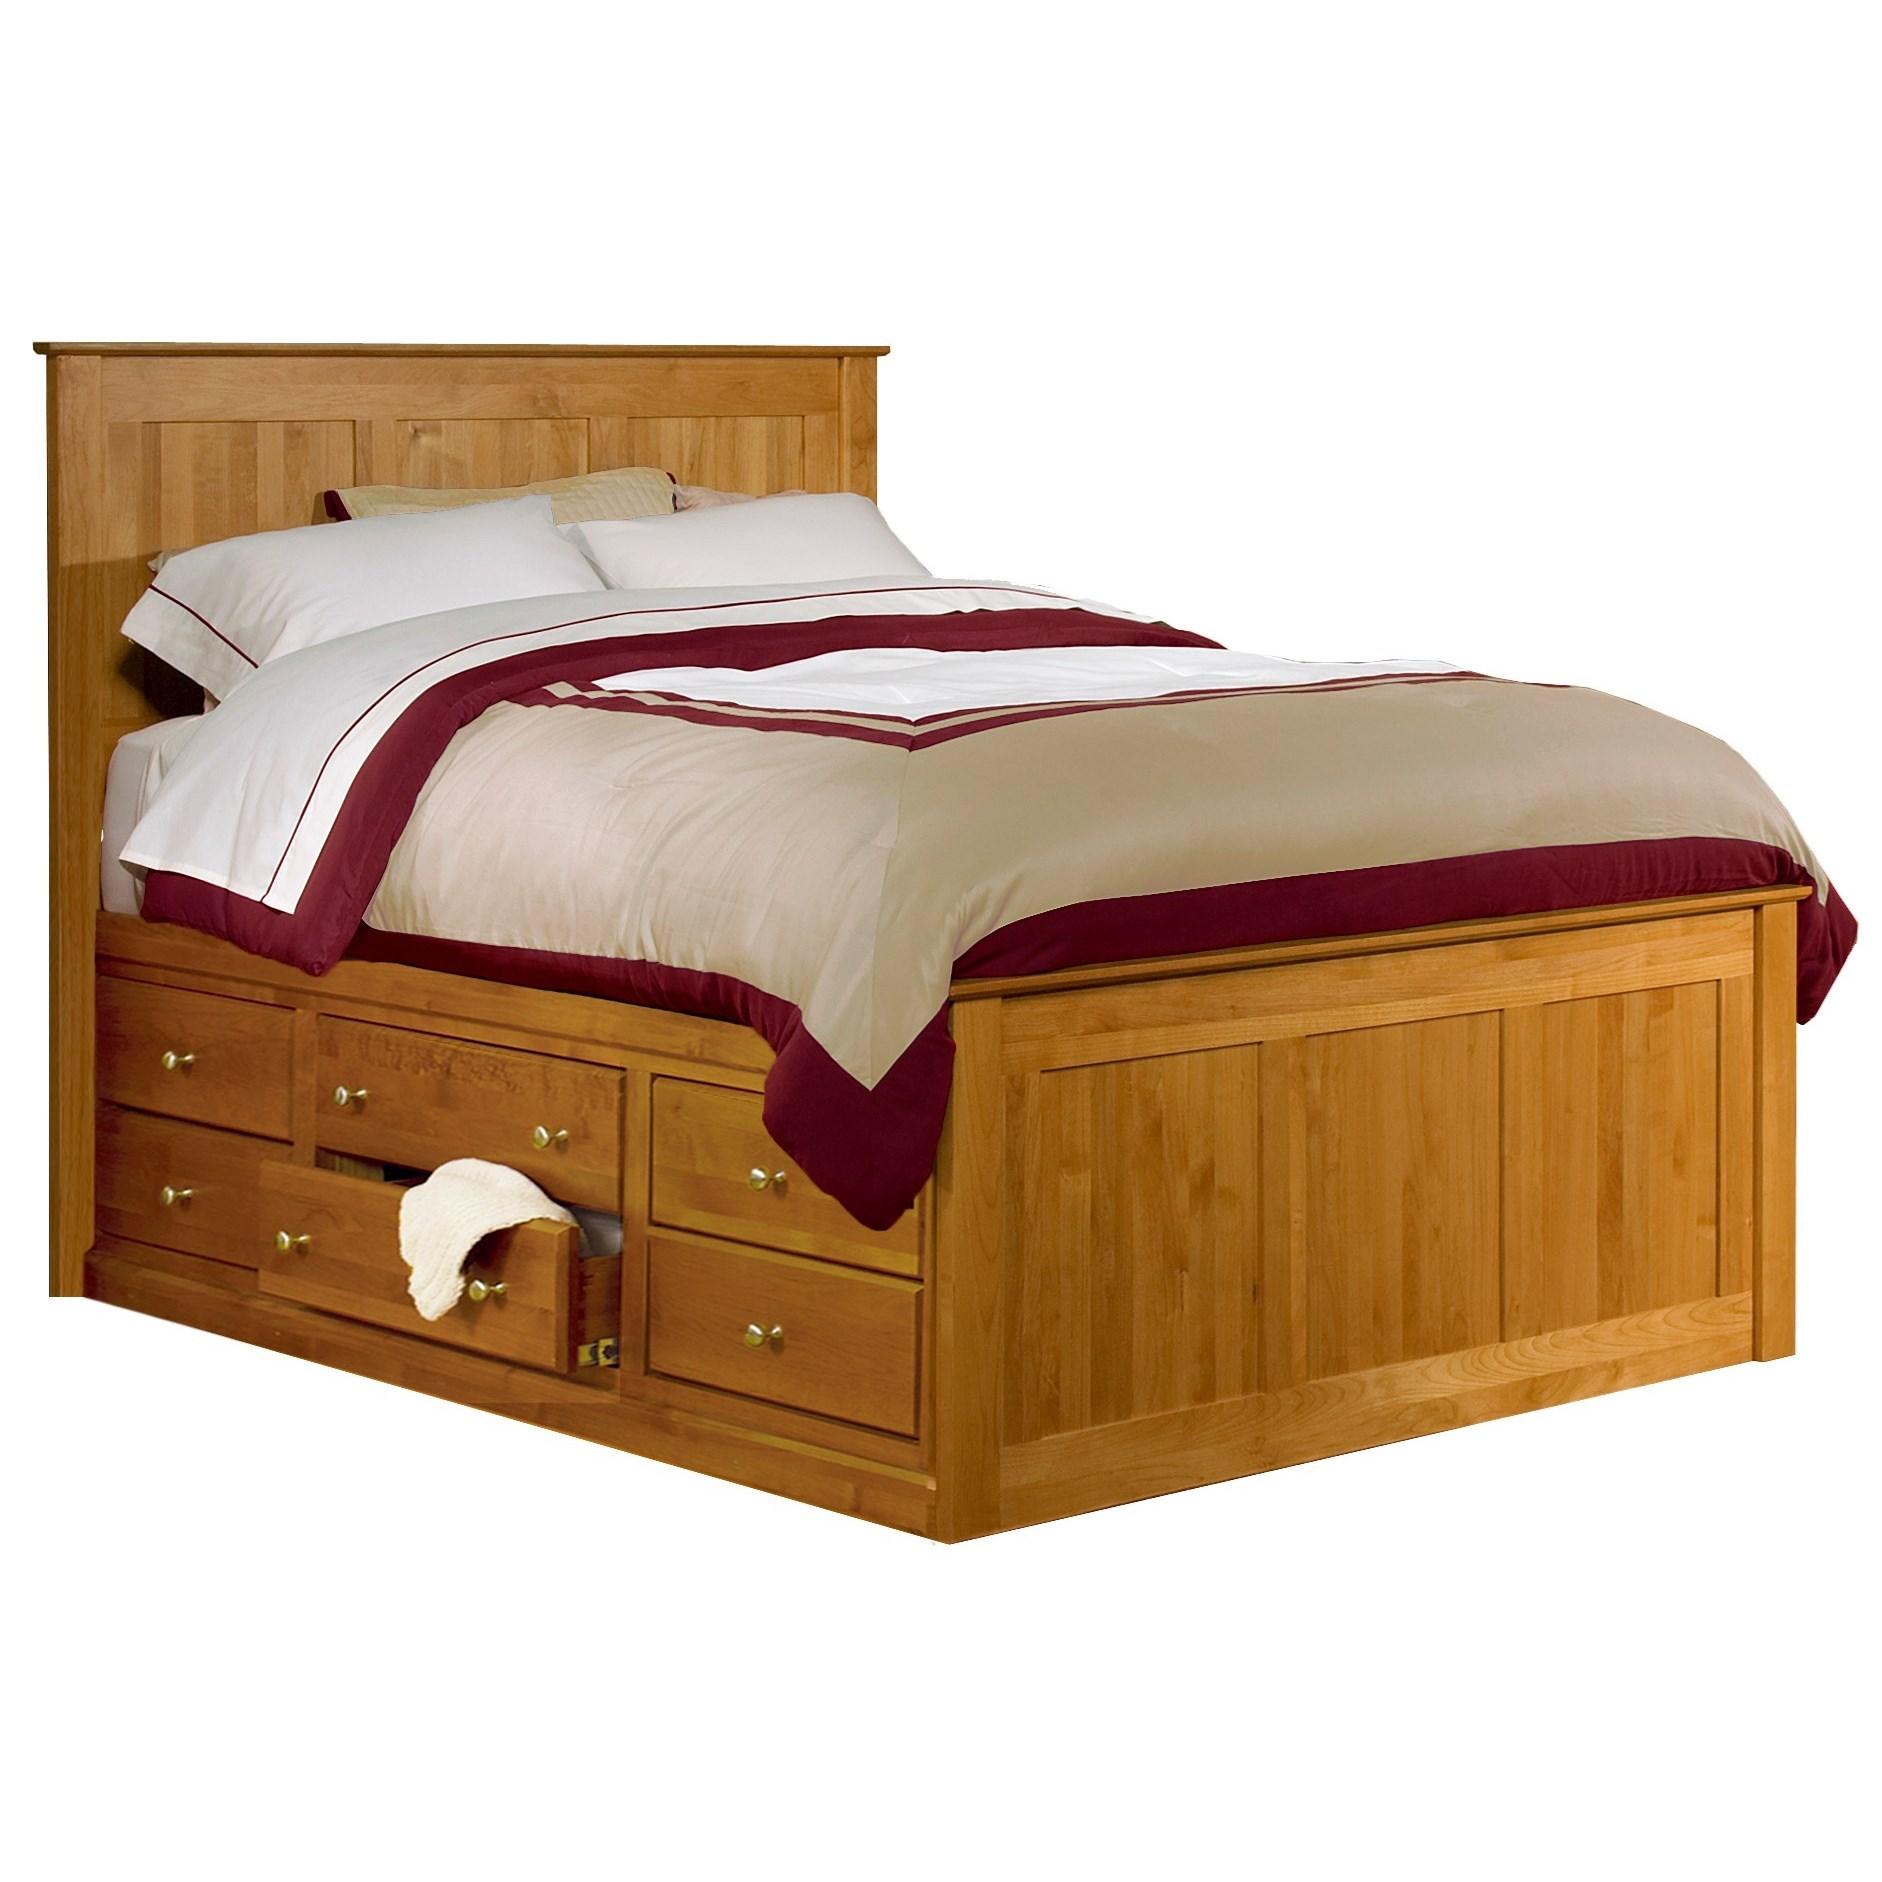 Alder Shaker Chest Bed Queen Alder Shaker Chest Bed by Vendor 980 at Becker Furniture